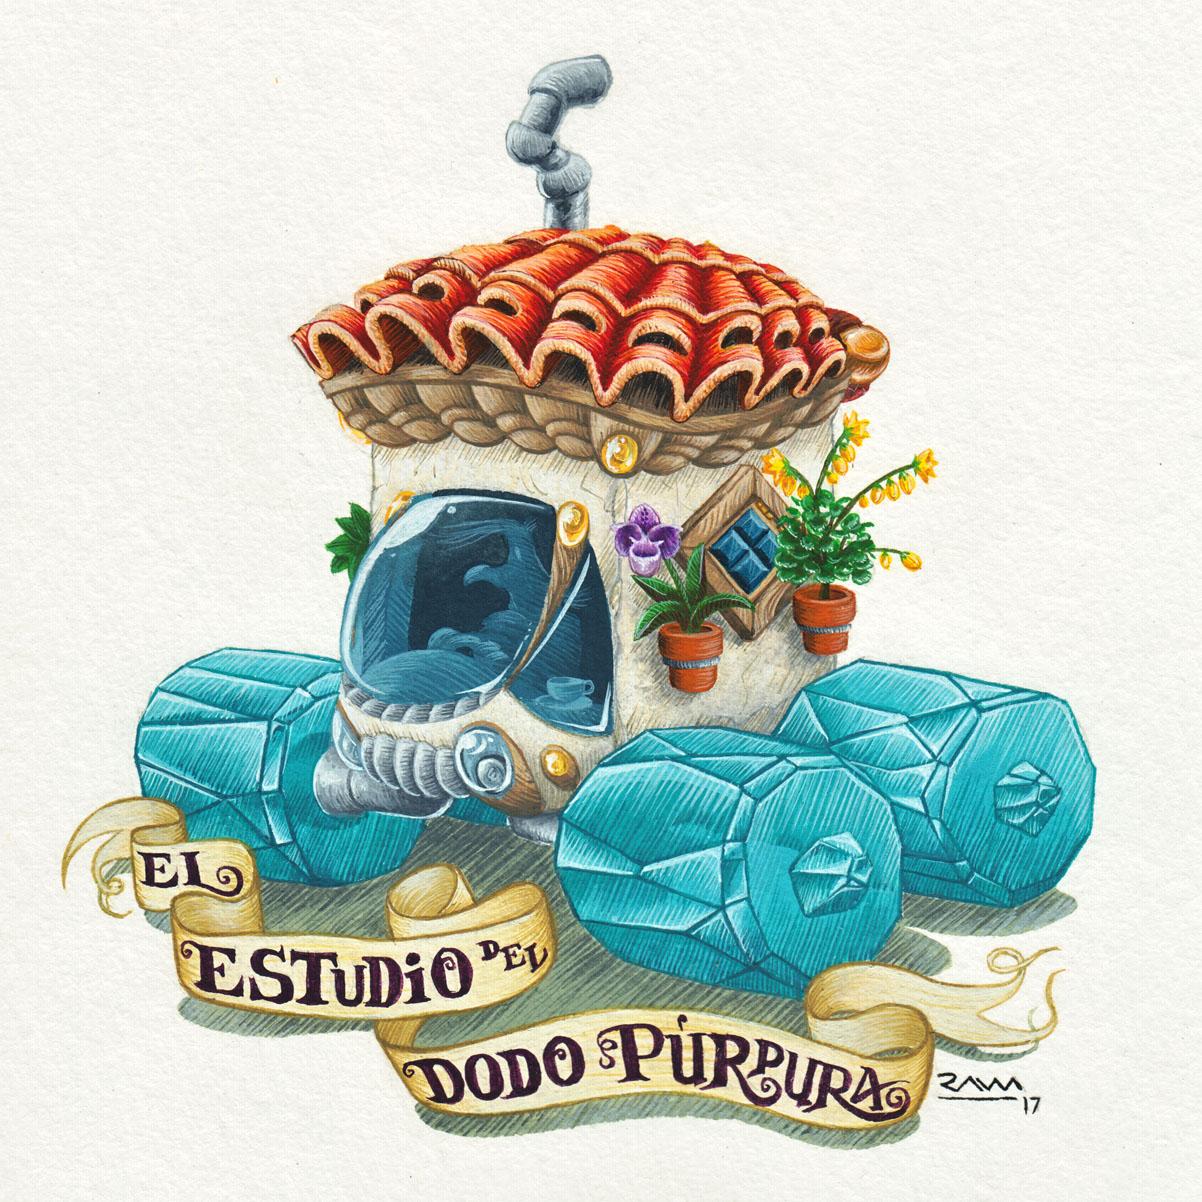 El estudio del Dodo Púrpura